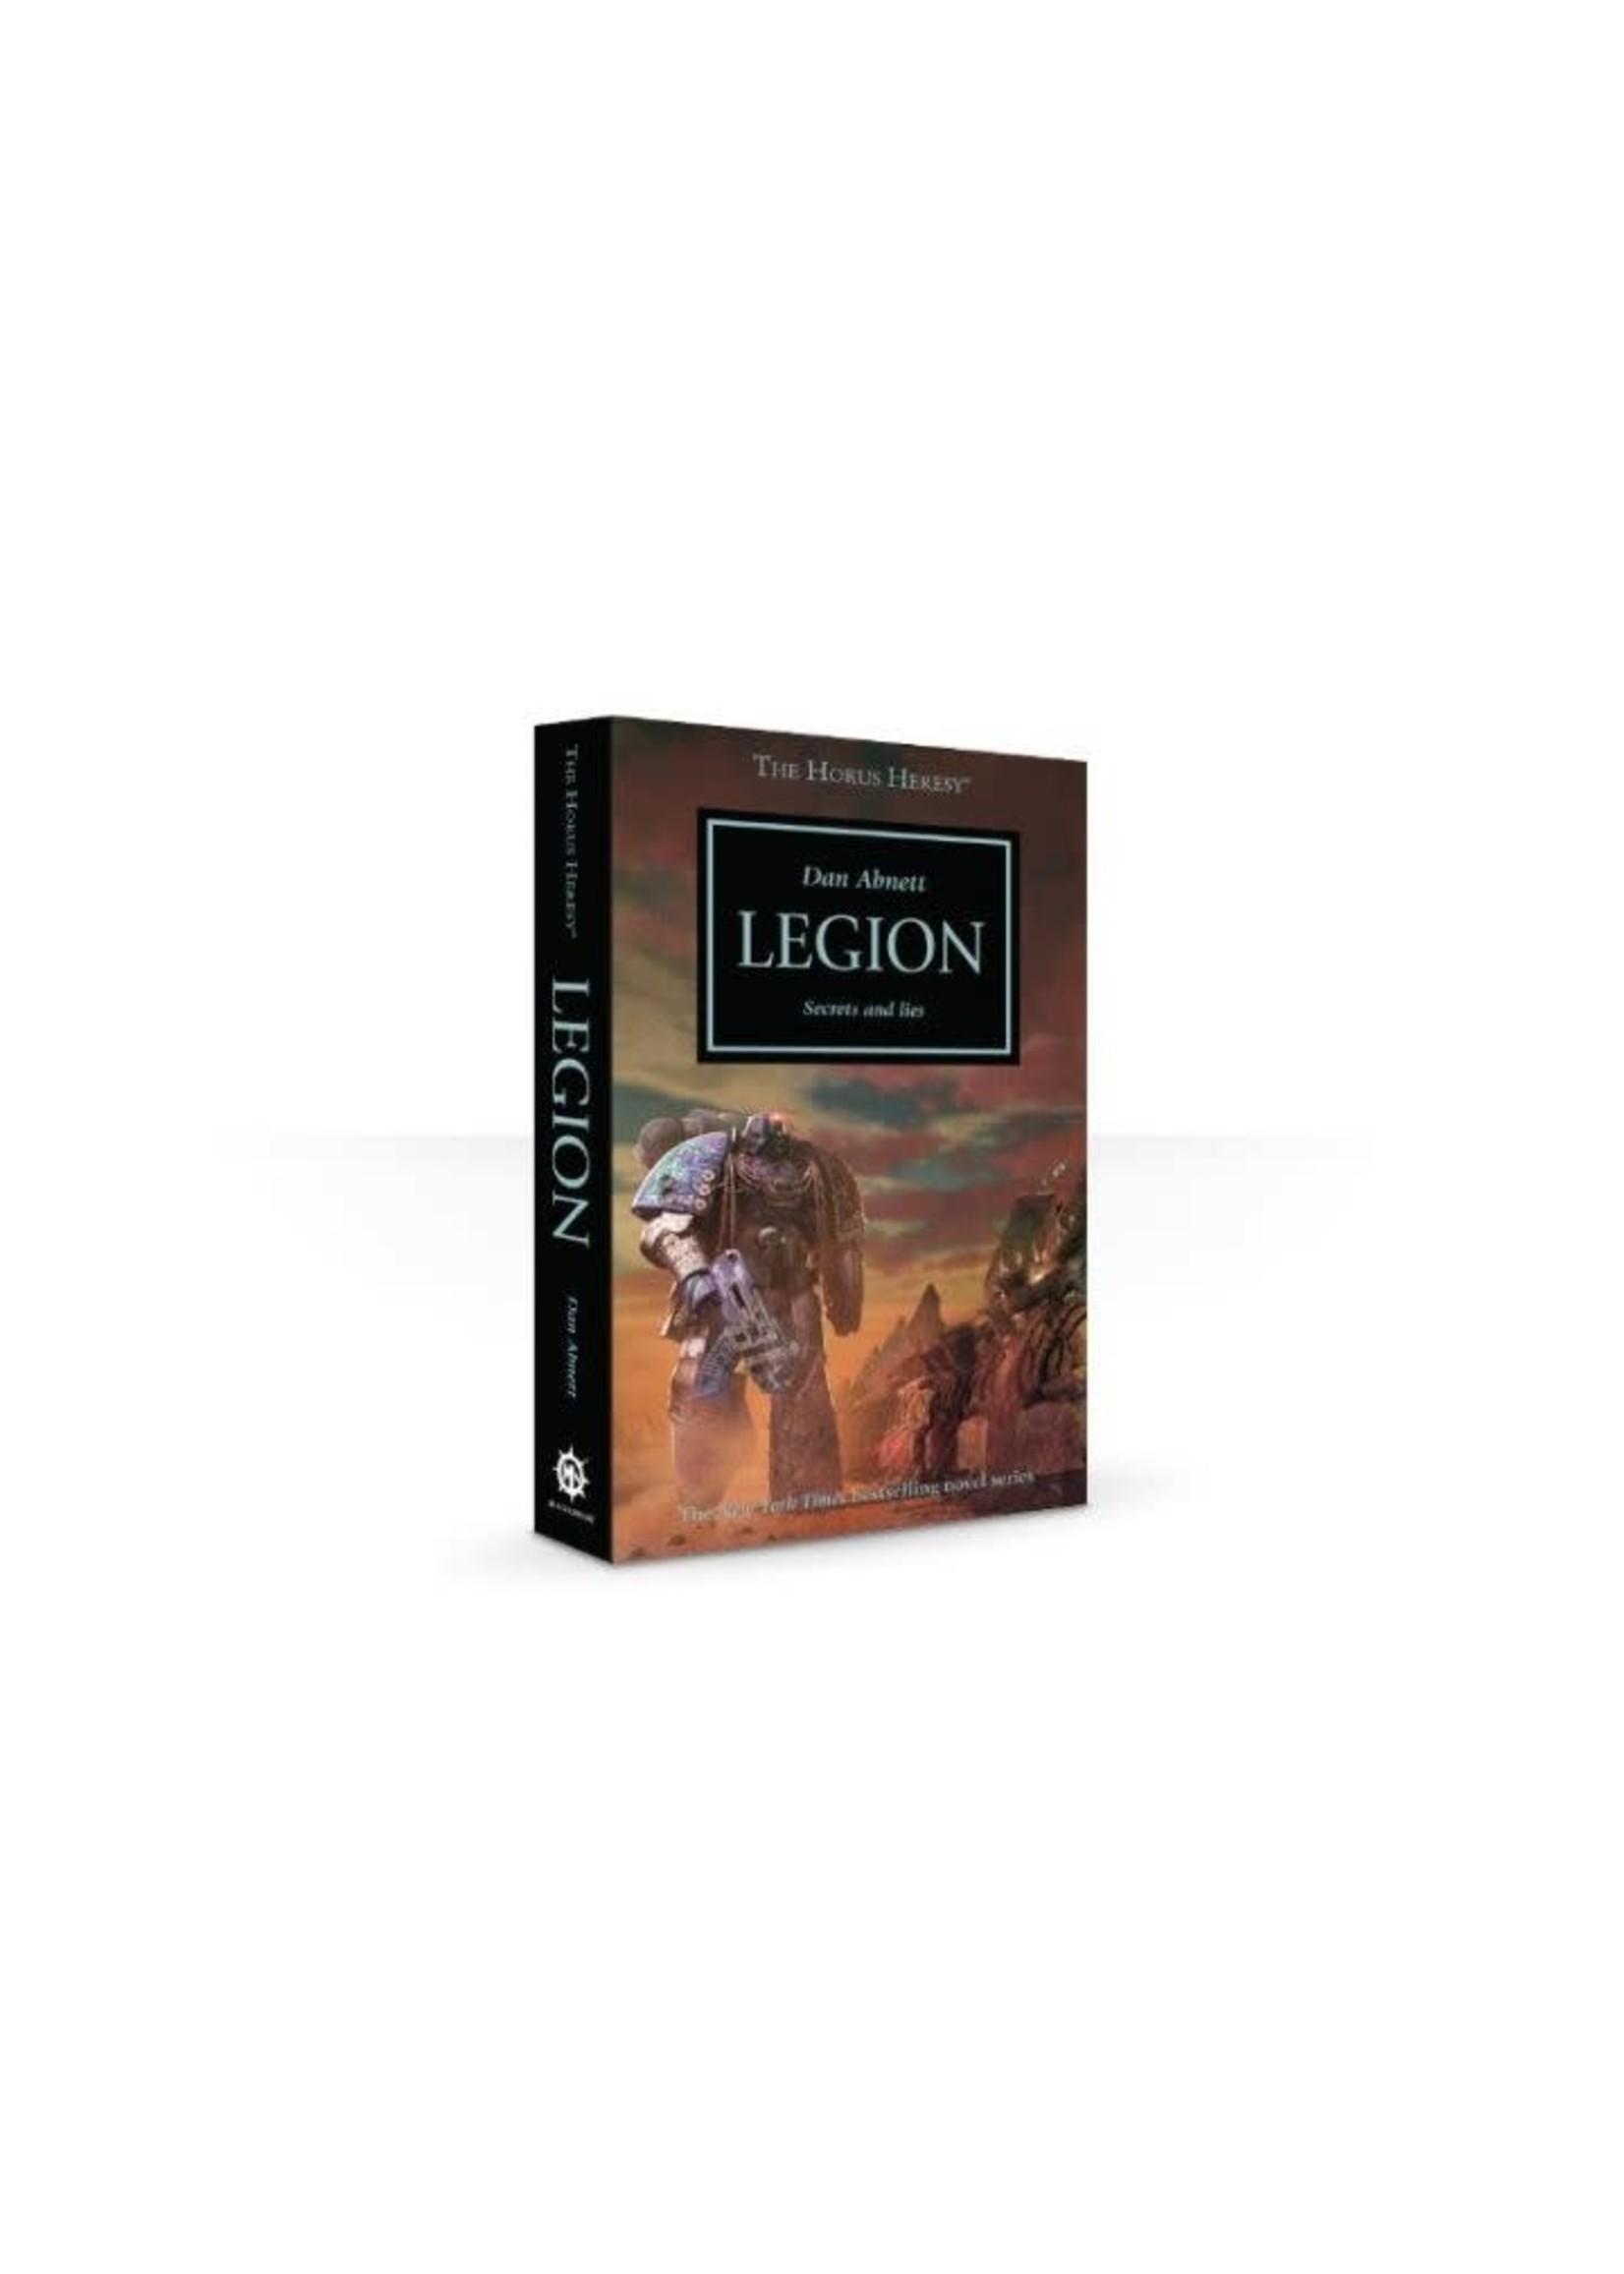 Horus Heresy: Legion